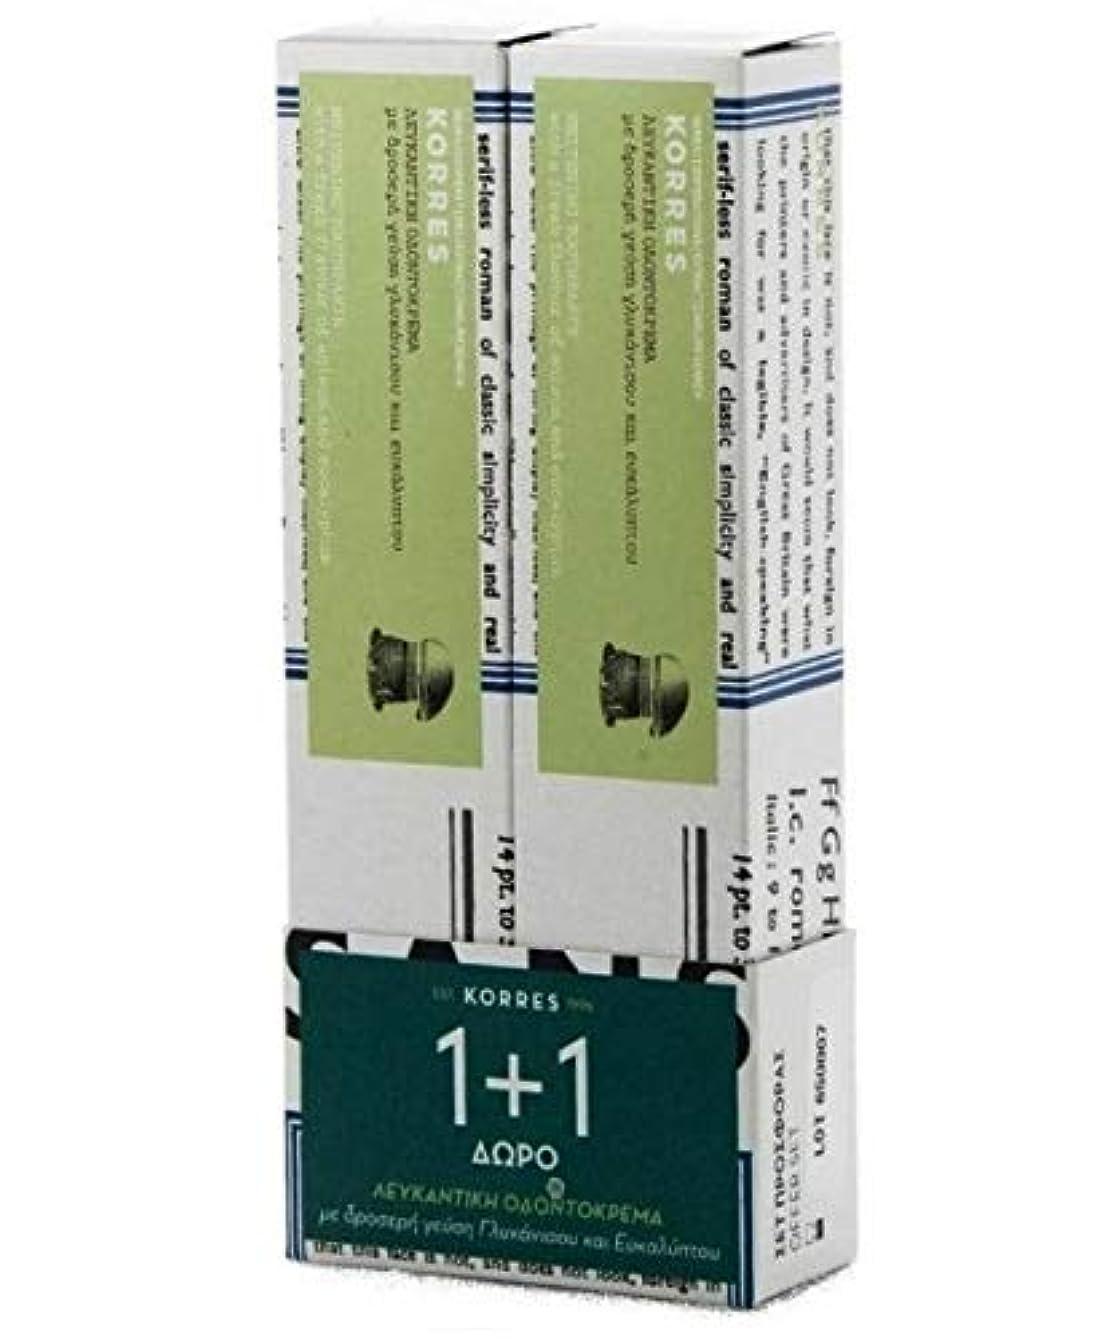 歯車台風中級Korres ホワイトニング歯磨き粉 アニスムとユーカリの風味 1+1 提供